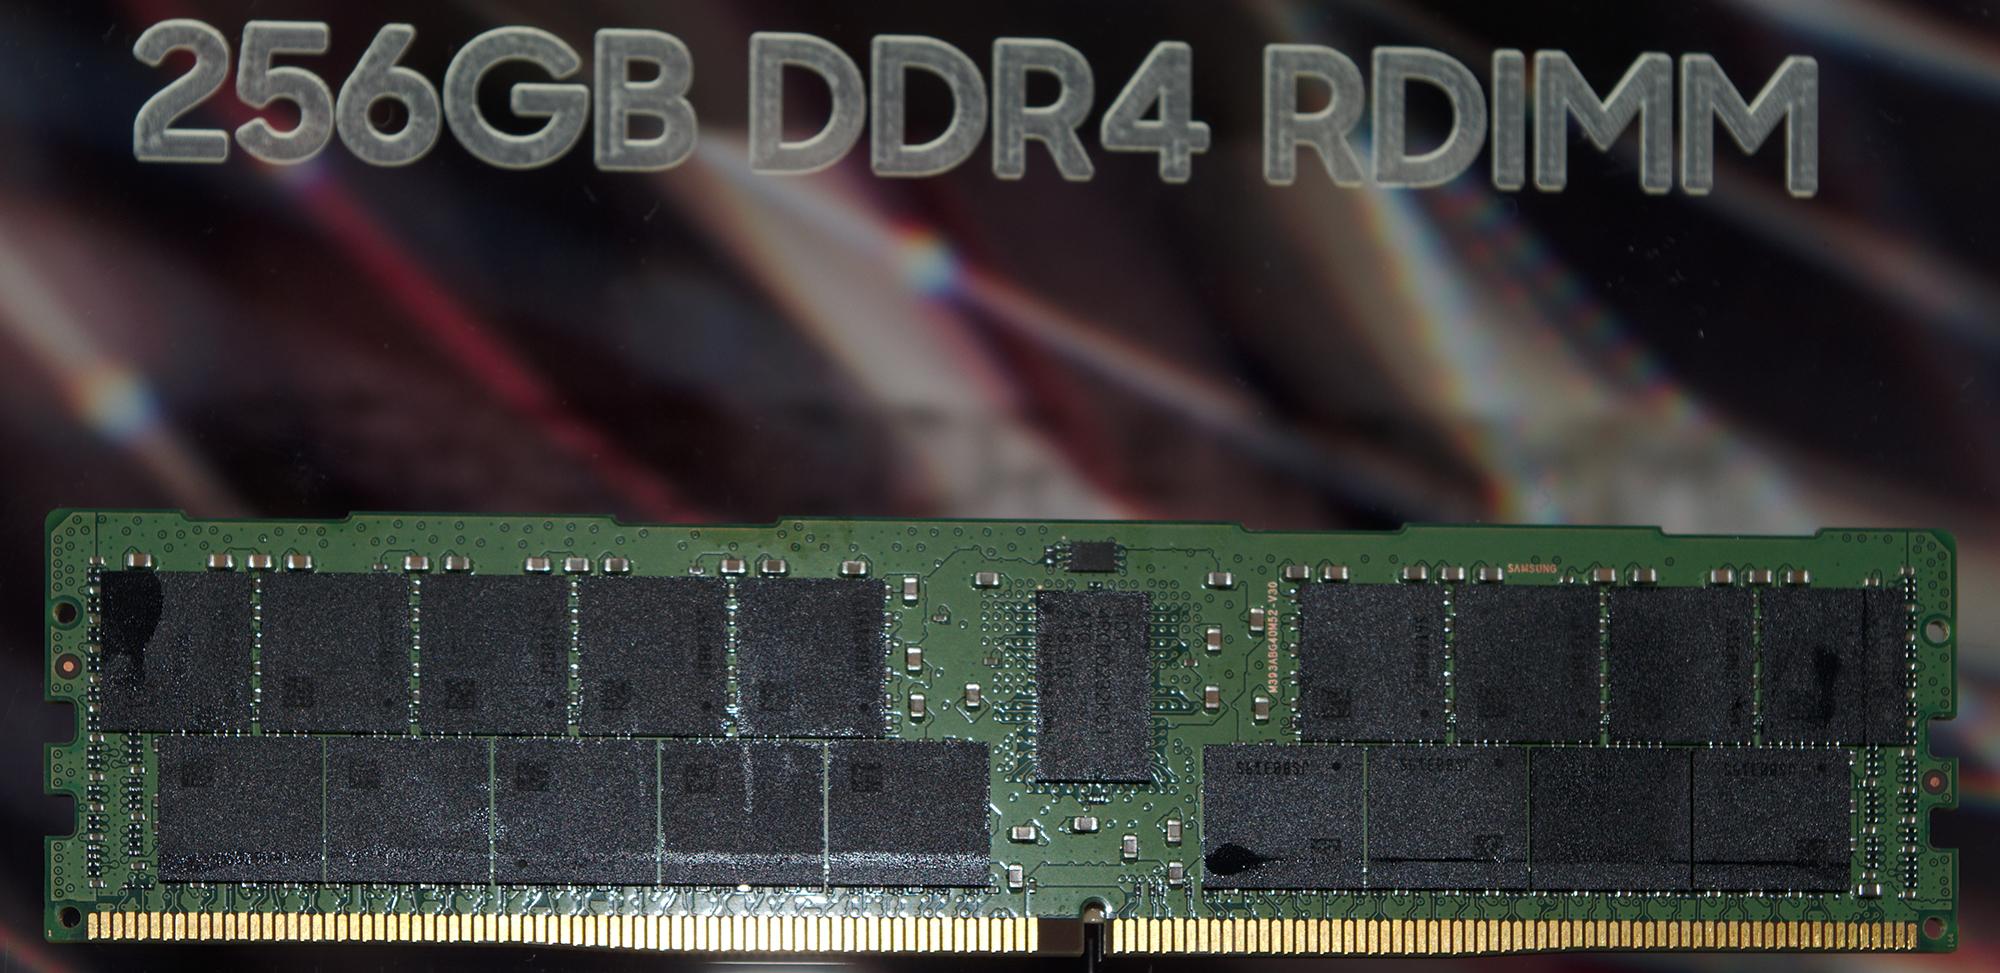 samsung 256GB_RDIMM